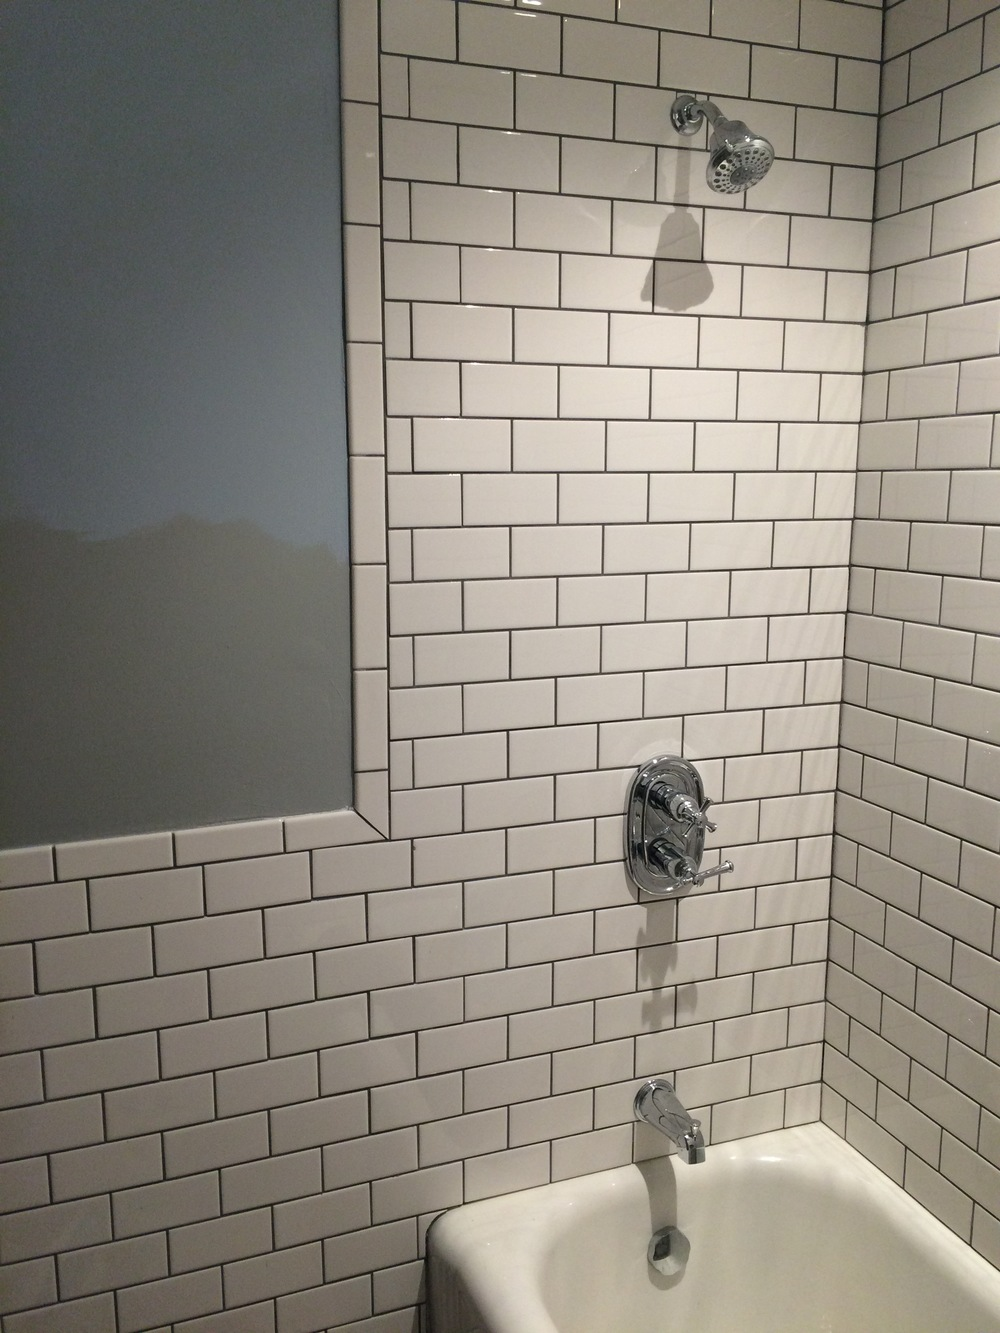 Espy Ave Bathroom Renovation — IDR LLC